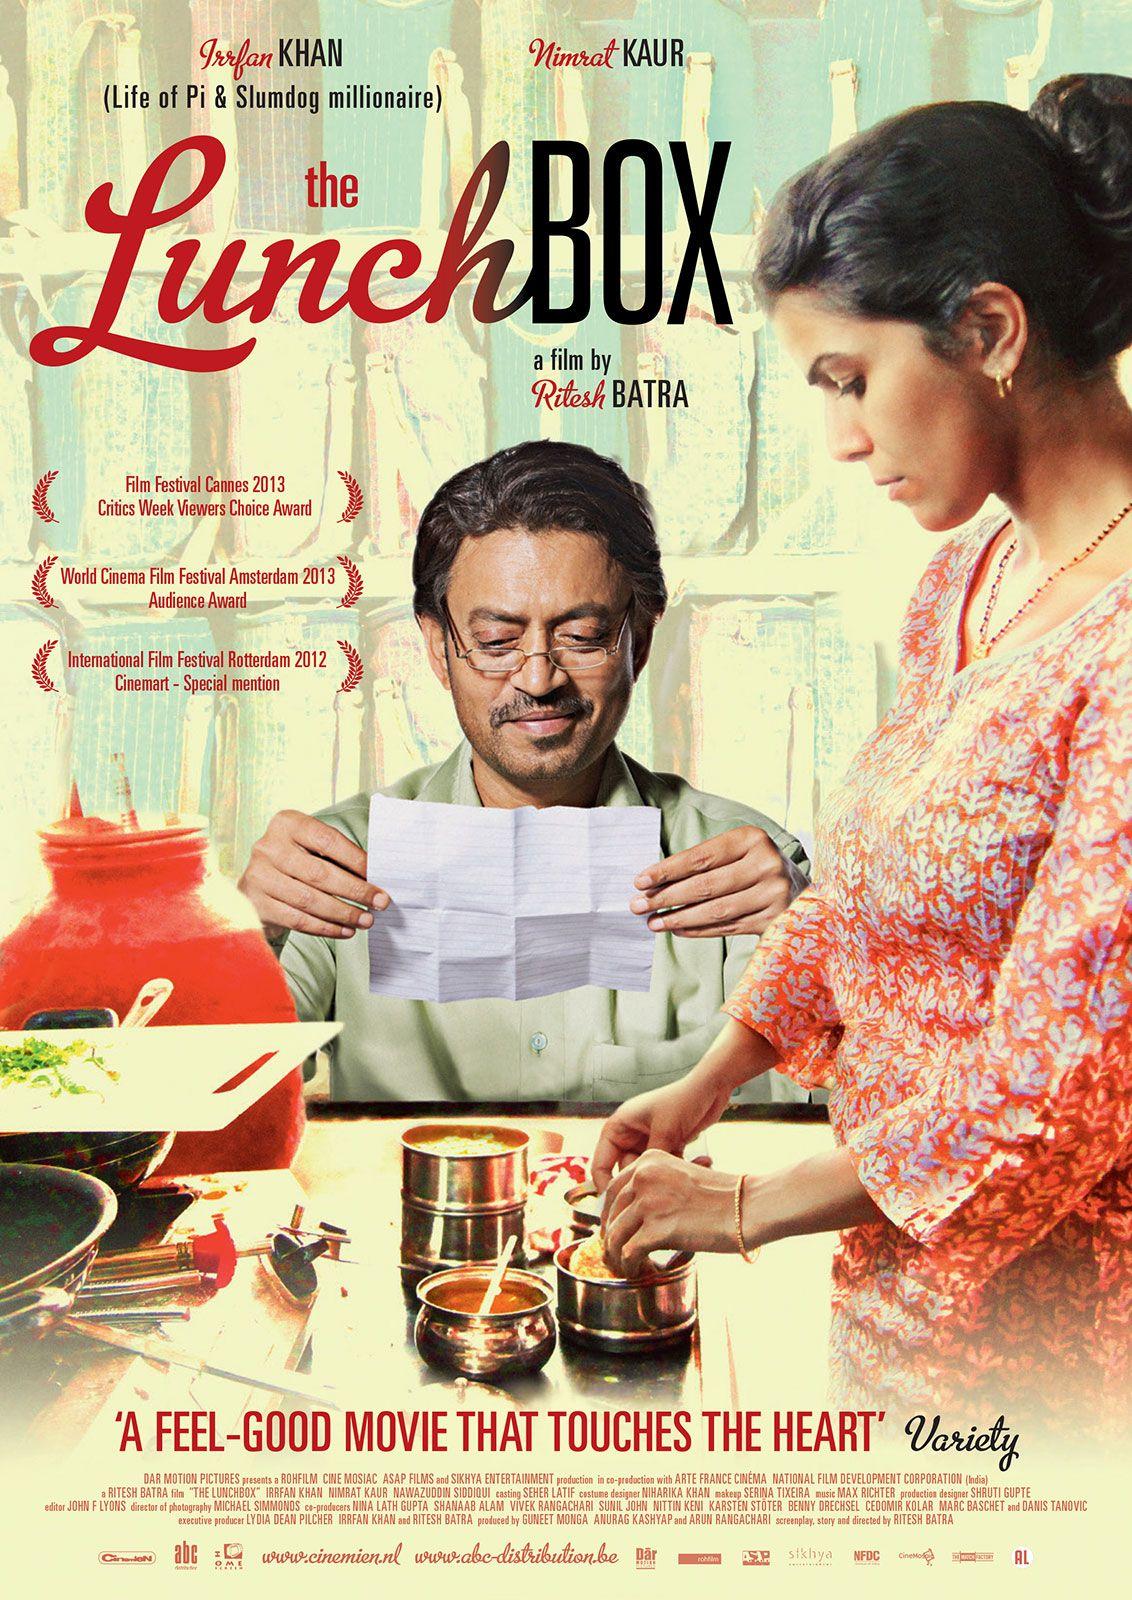 Achten Sie darauf, The Lunch Box zu sehen, eine Geschichte des Lebens, von dem wir träumen, im Vergleich zum Leben …  – Bollywood and India